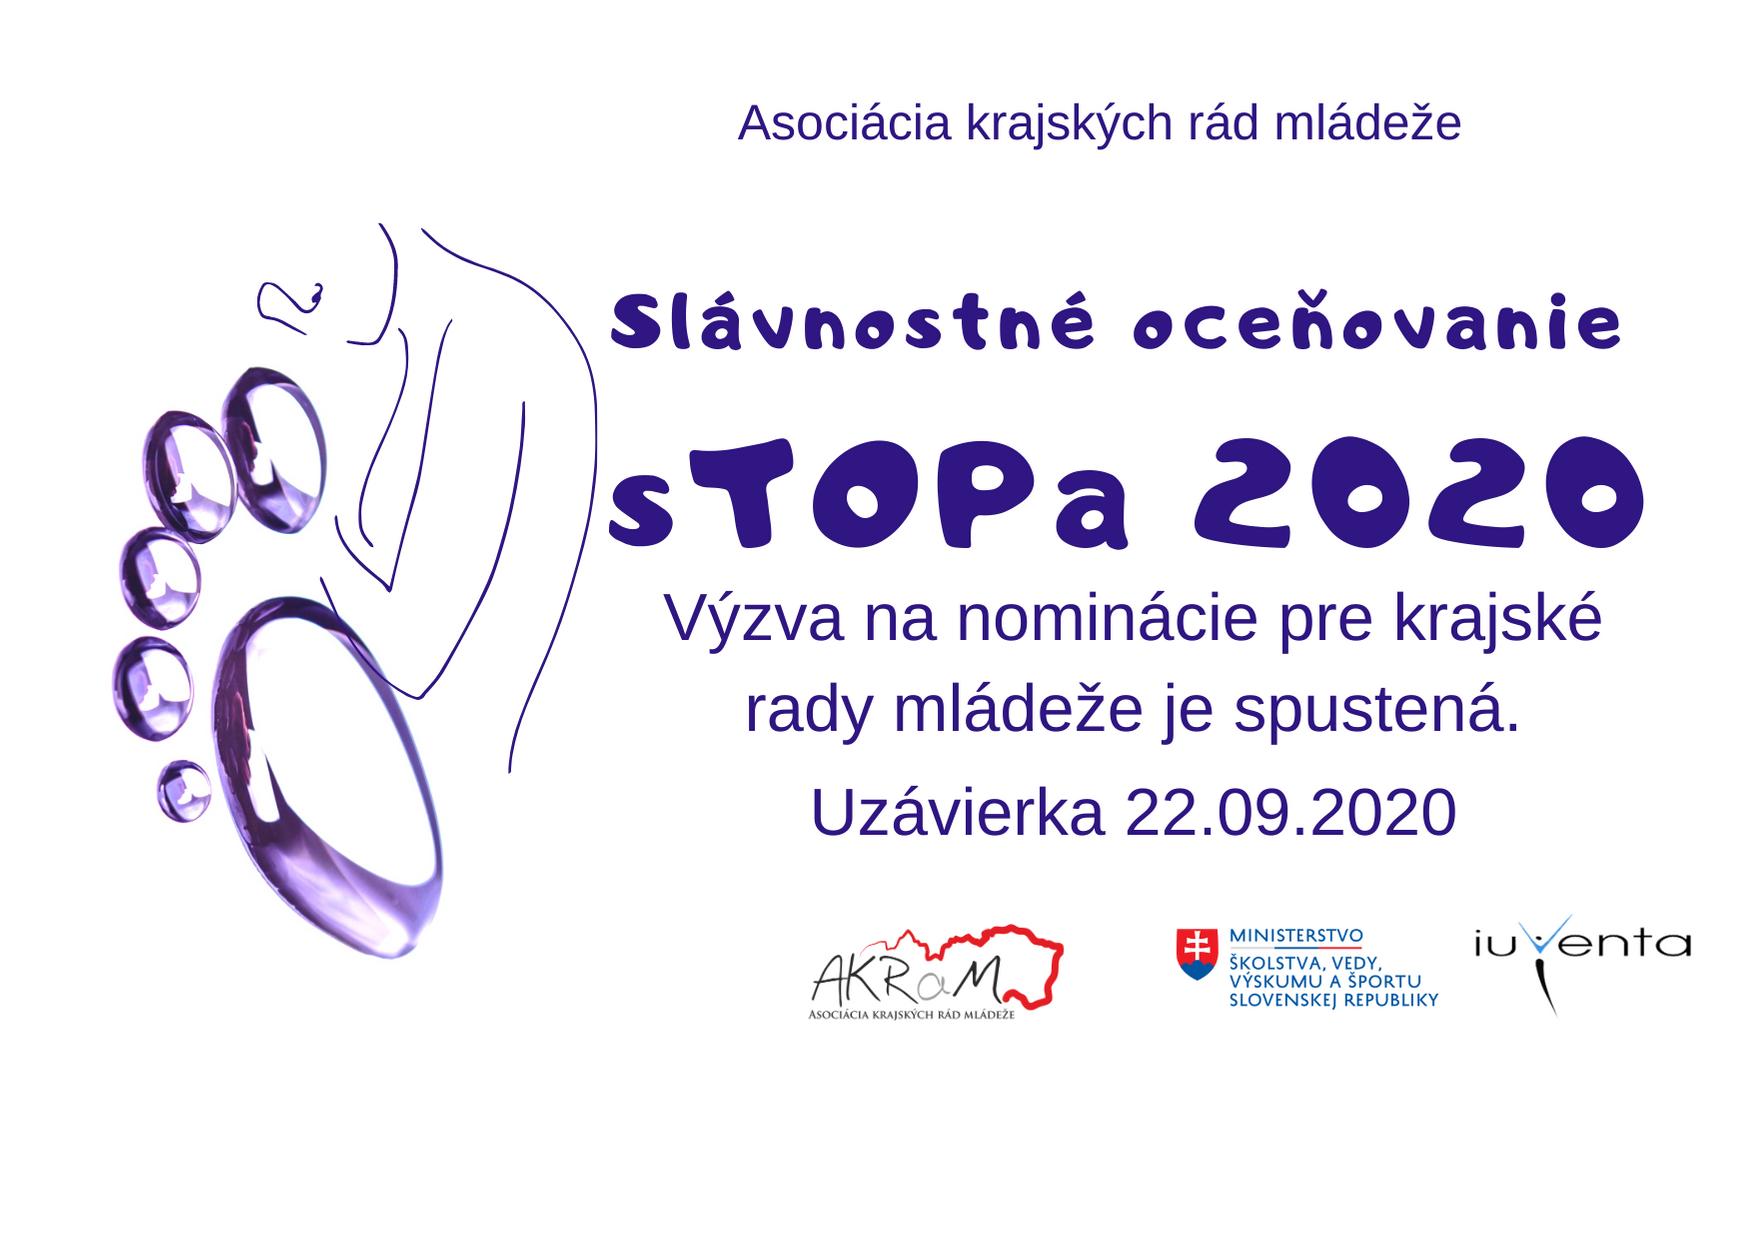 VÝZVA NA DORUČENIE NOMINÁCIÍ  sTOPa 2020